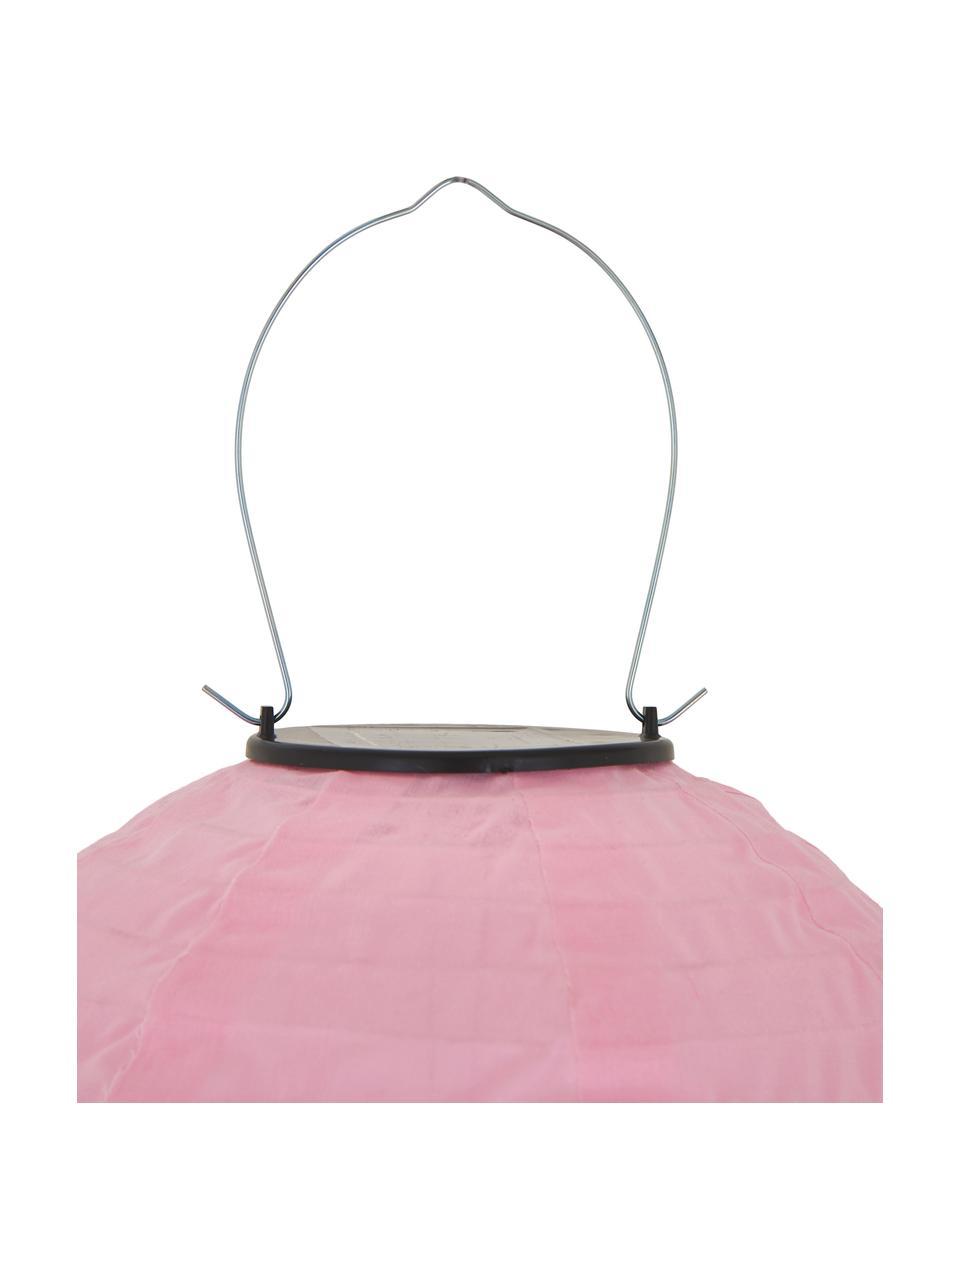 Komplet zewnętrznych lamp solarnych Chinese, 2 elem., Tworzywo sztuczne, Blady różowy, Ø 25 x W 25 cm